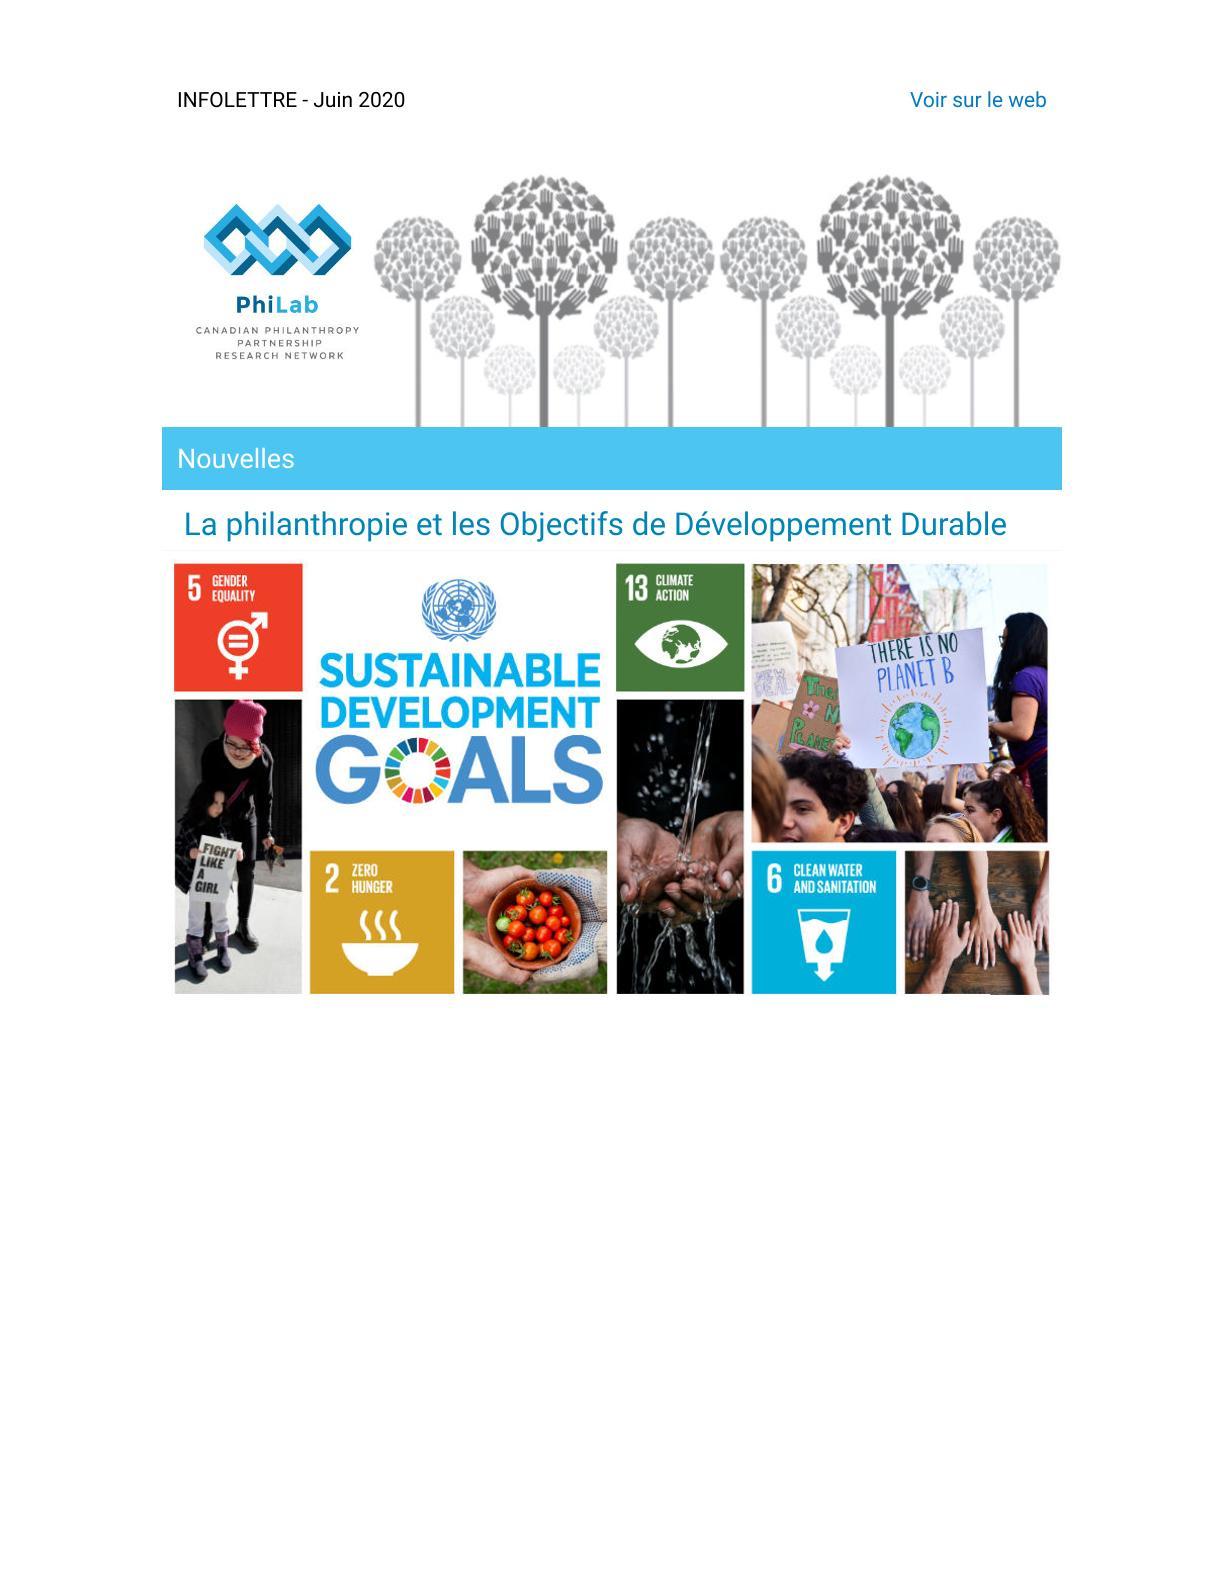 La philanthropie et les Objectifs de Développement Durable